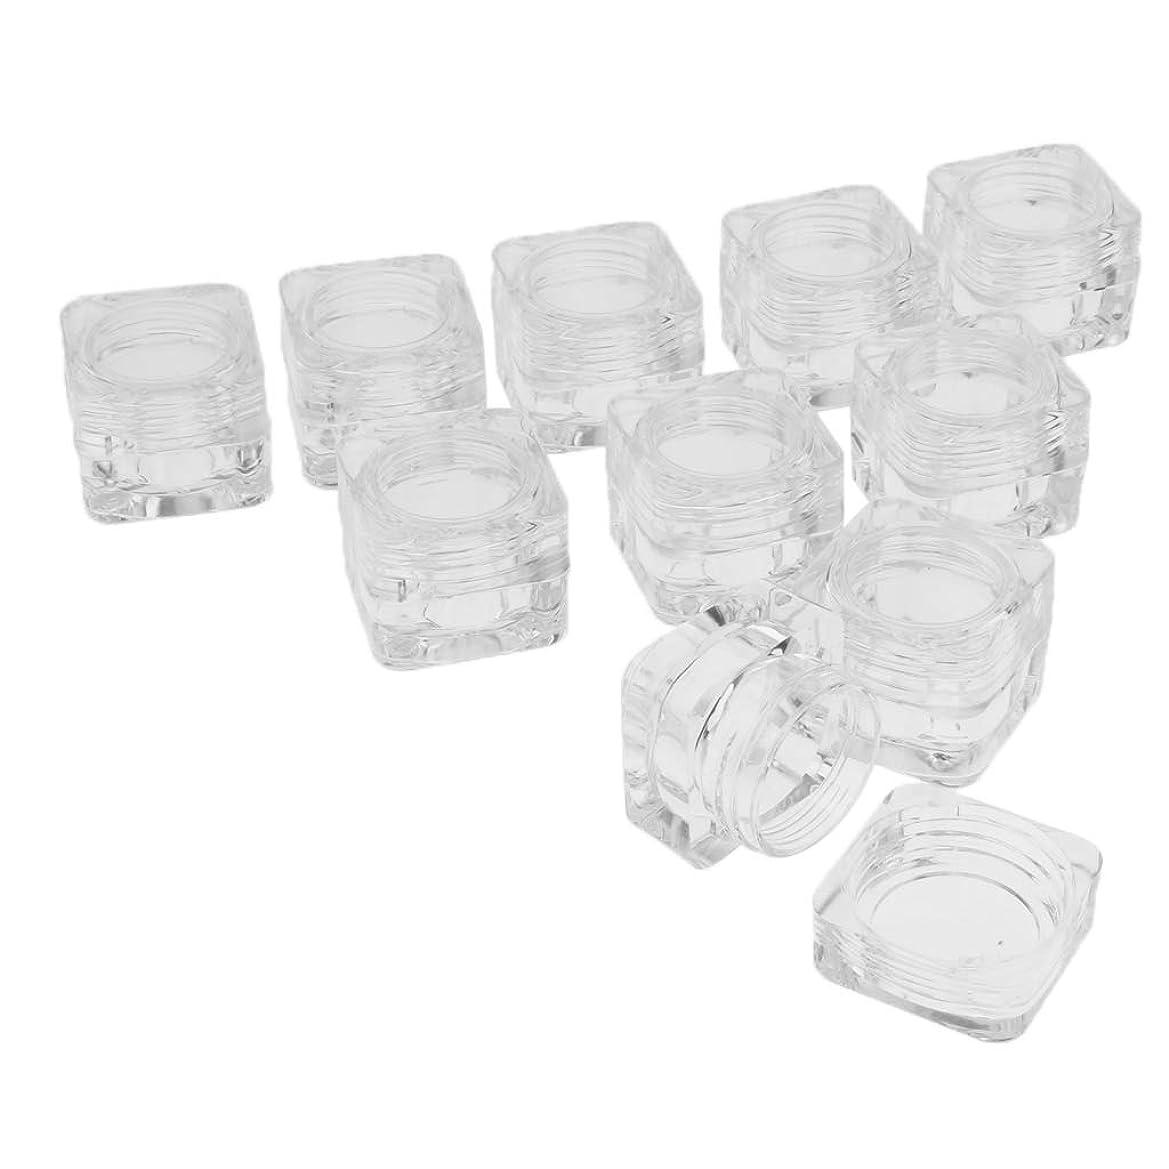 支配的問題急性Perfeclan 10個 プラスチックジャー コスメ 収納ケース 透明 クリームジャー リップクリームコンテナ